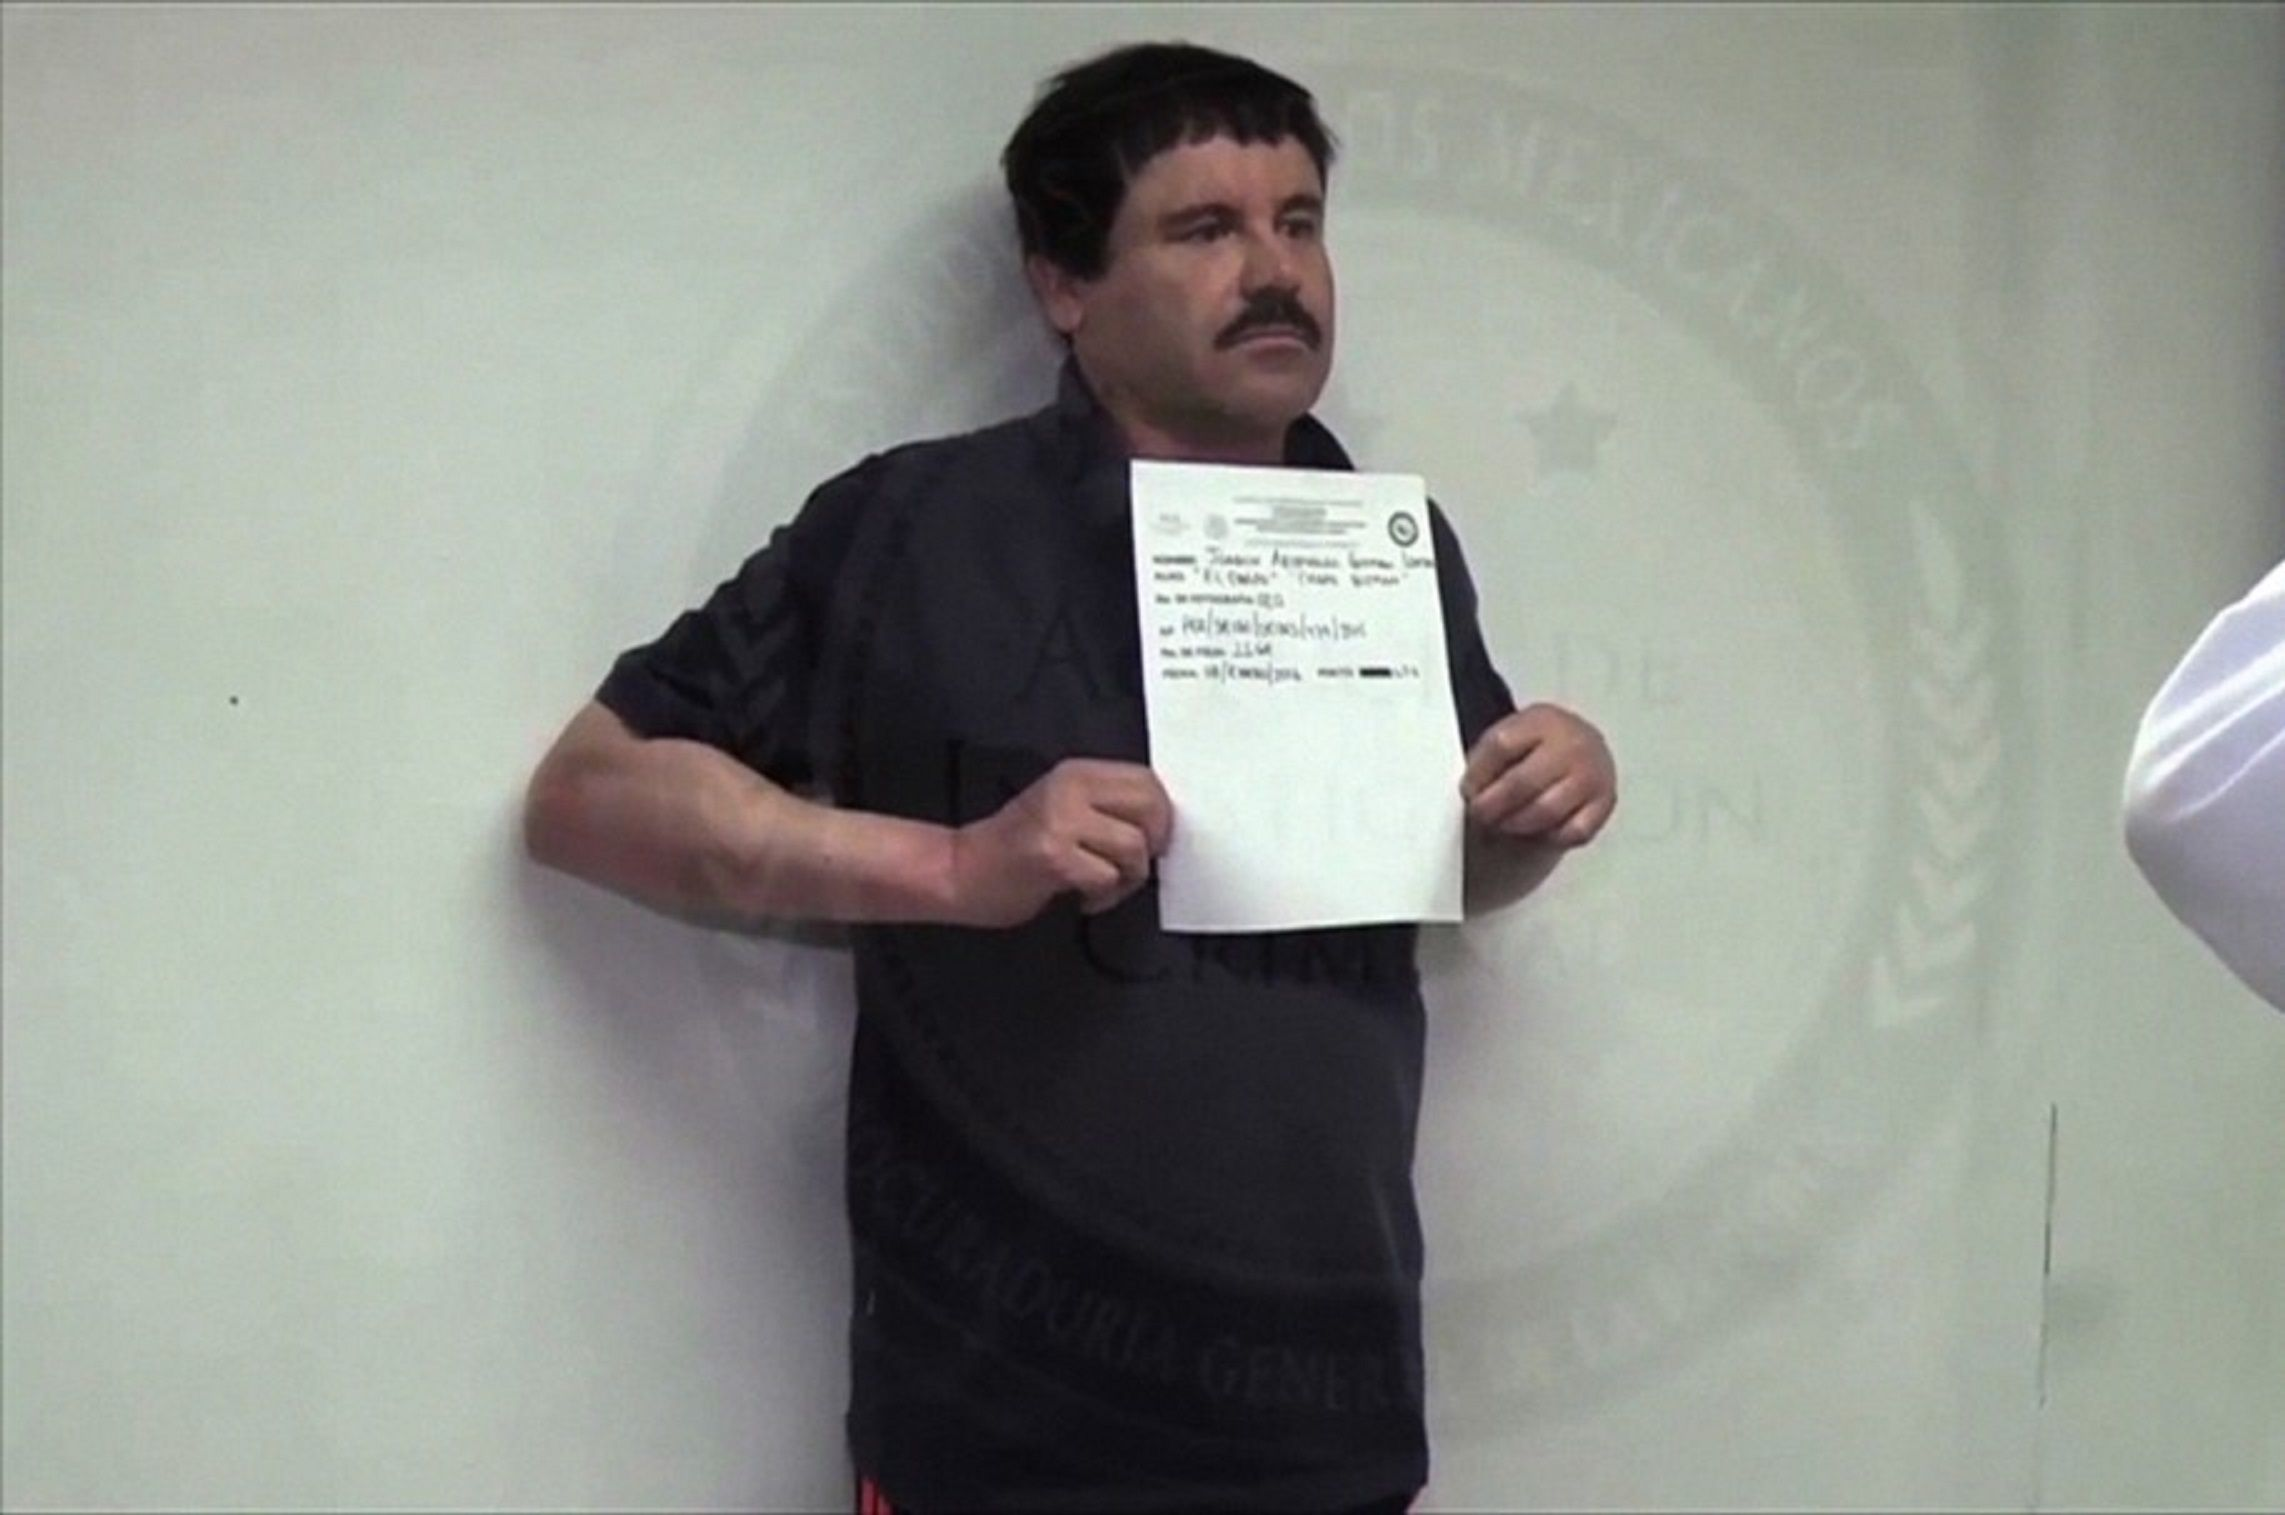 El piloto del Chapo Guzmán, contó detalles íntimos de la vida del capo narco